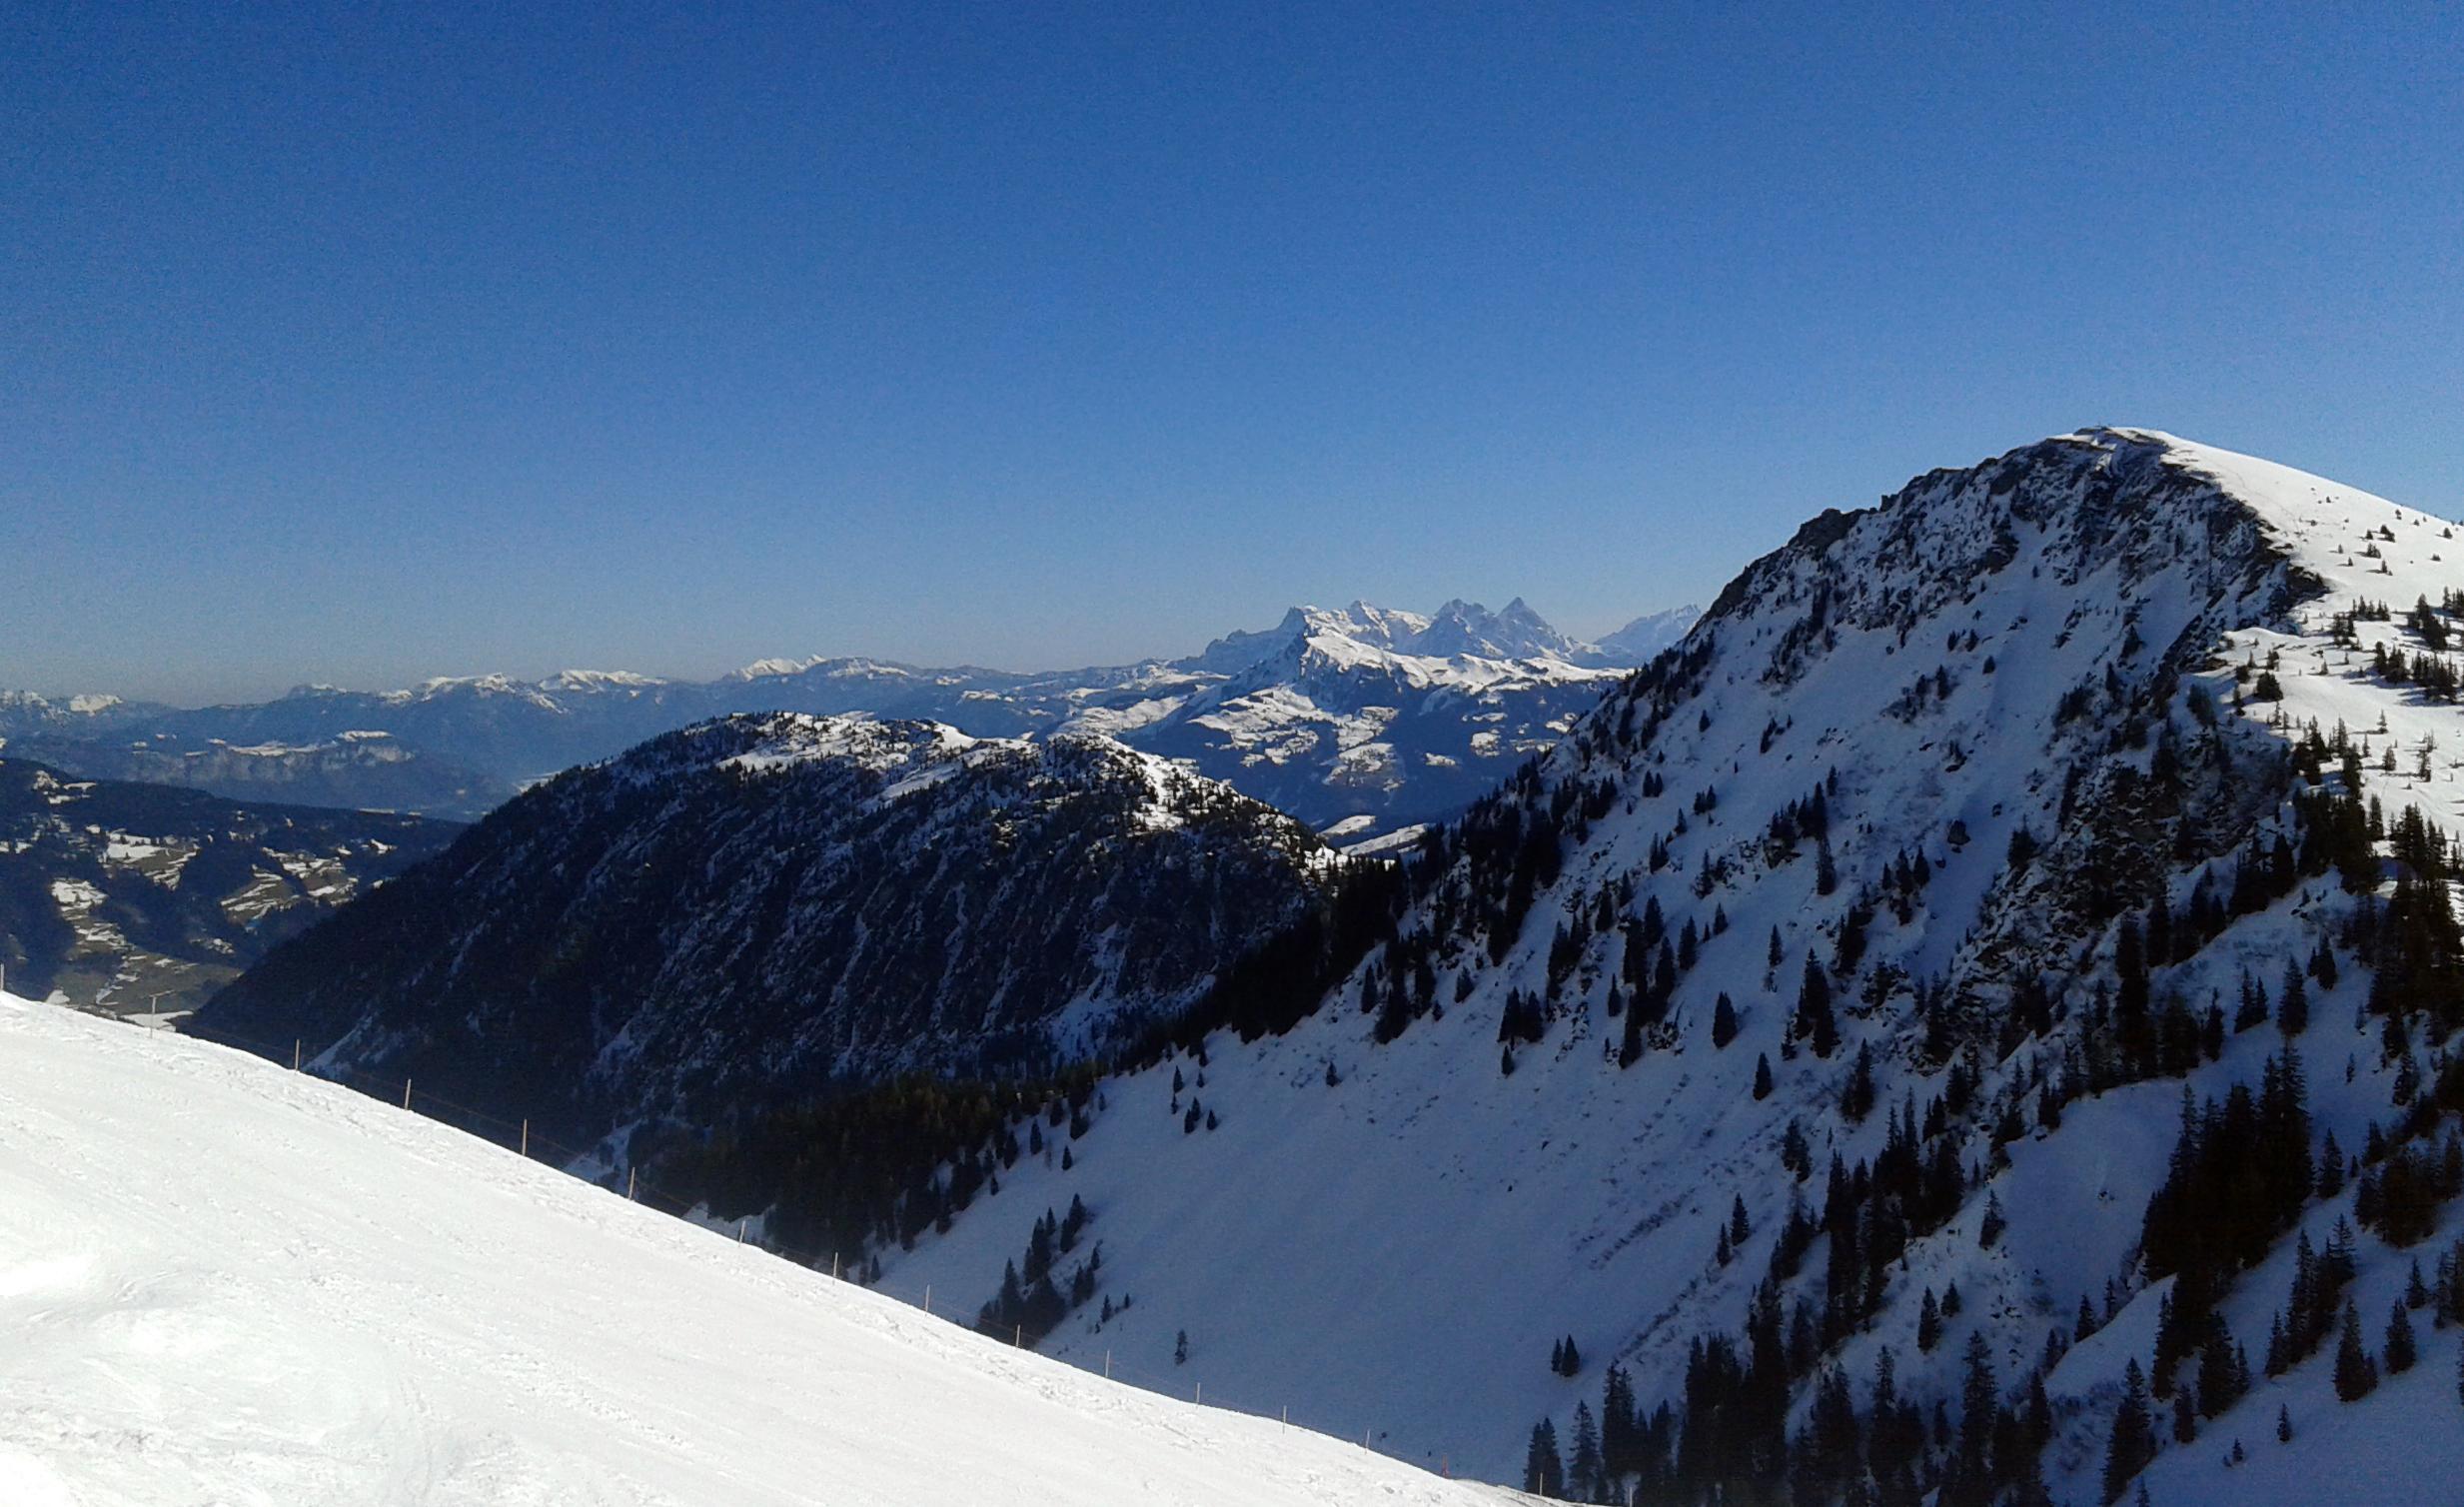 Blau-weiß im benachbarten Tirol